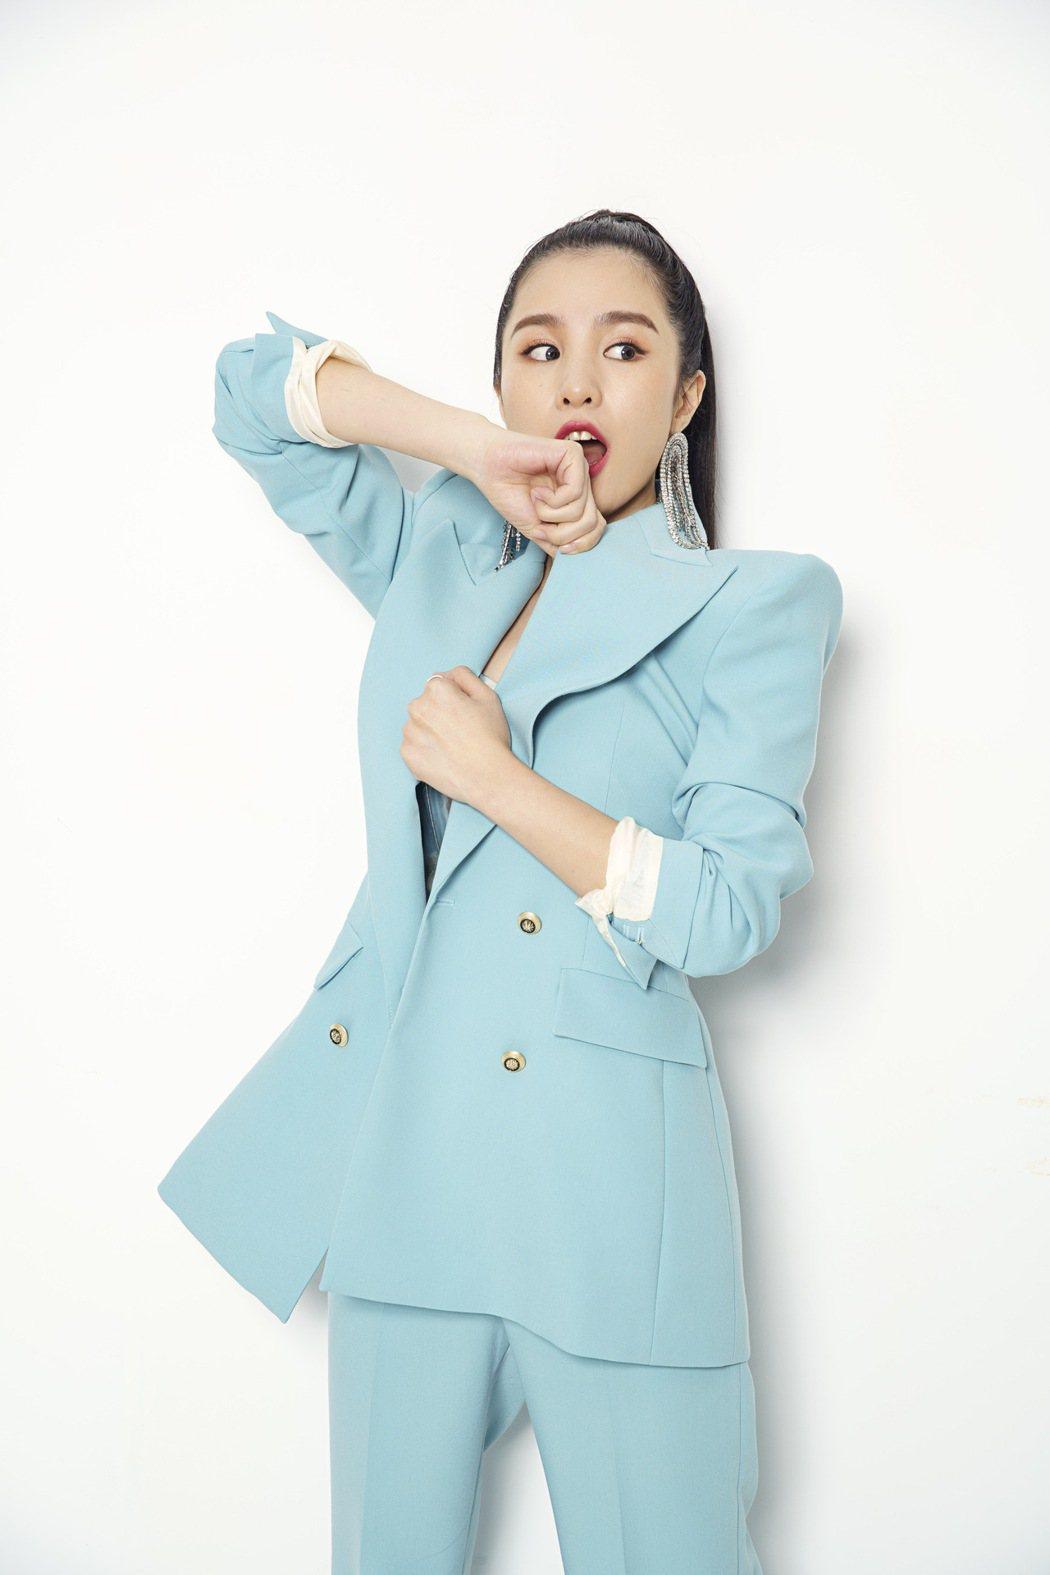 江靜推出首張個人專輯「挺好的 江靜」。圖/本色提供